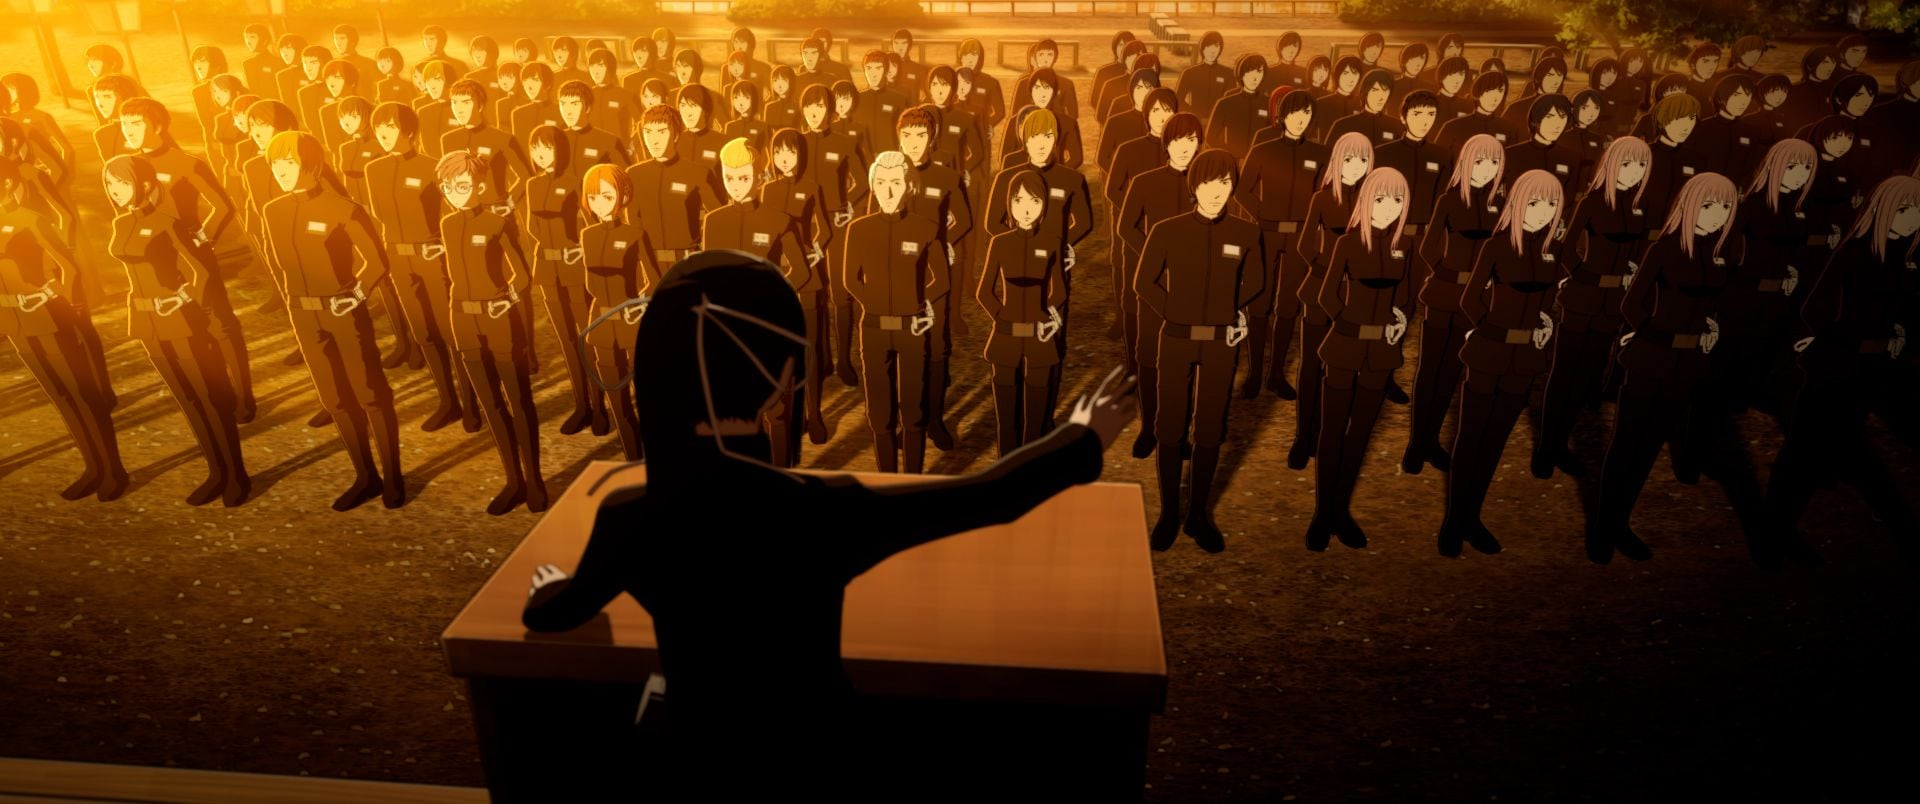 劇場アニメ『シドニアの騎士 あいつむぐほし』2021年公開決定! 原作漫画にない新事実も…の画像005